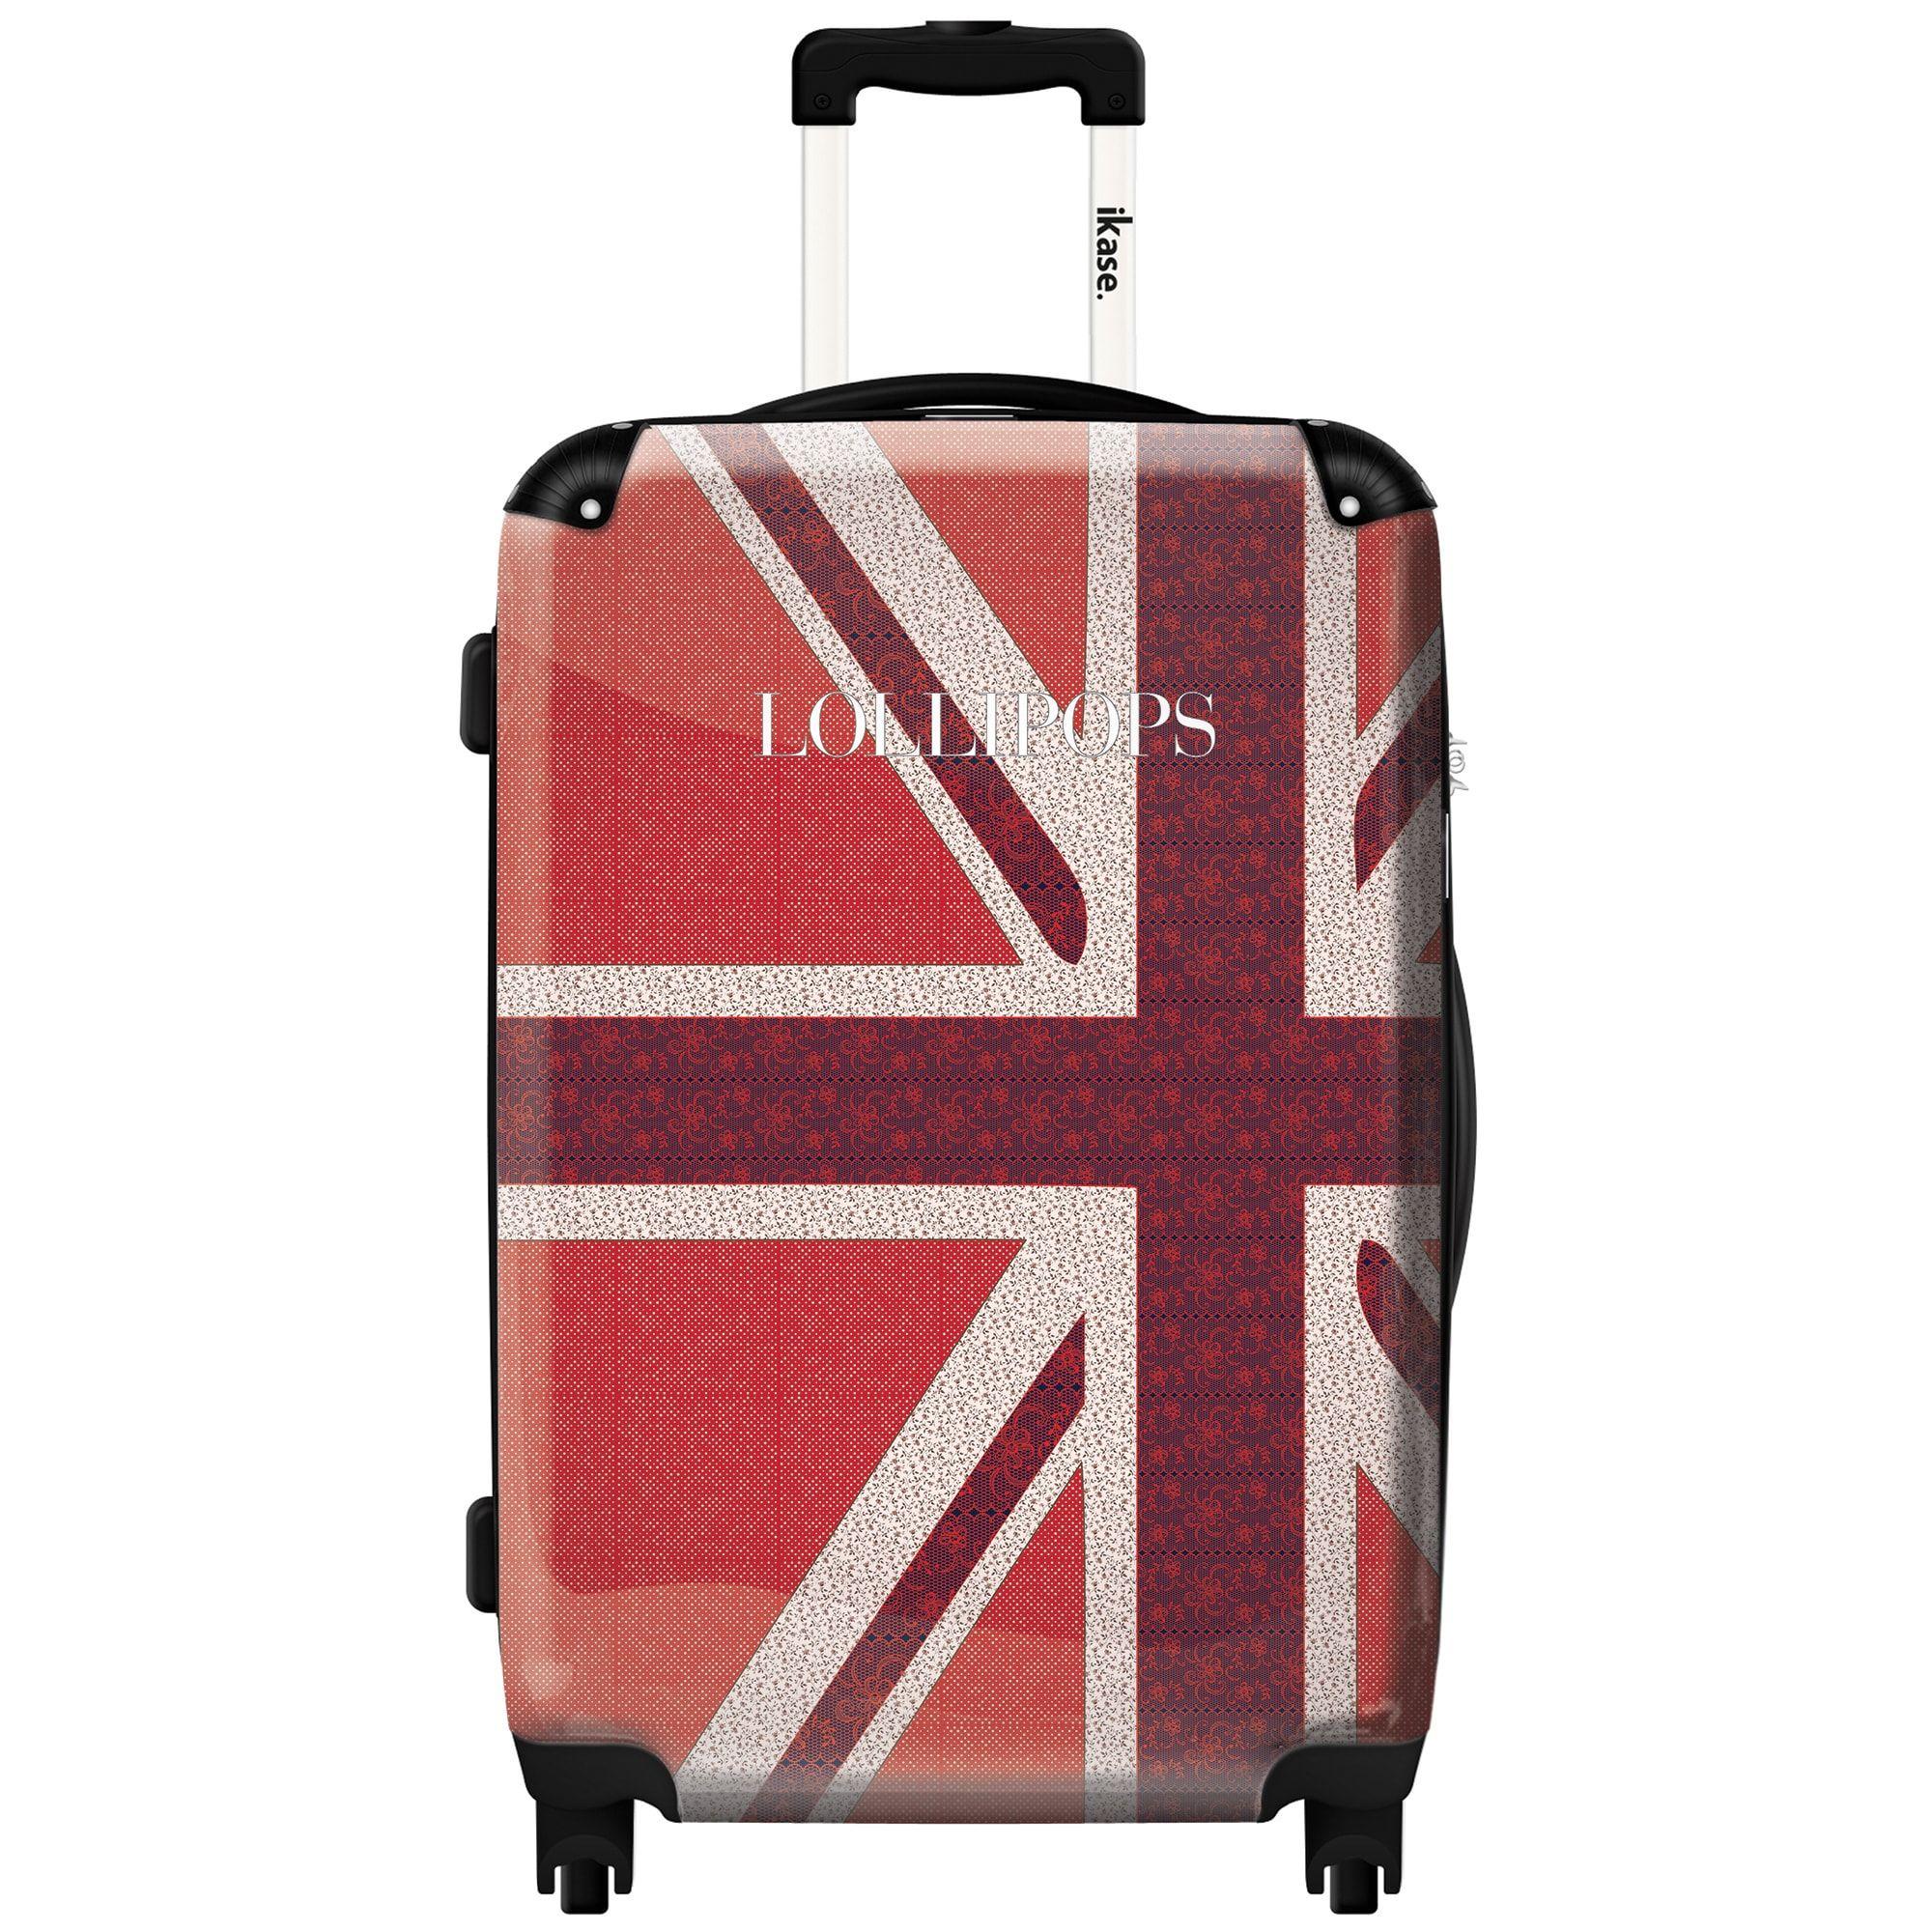 Ikase Hardside Spinner Luggage I travel to London